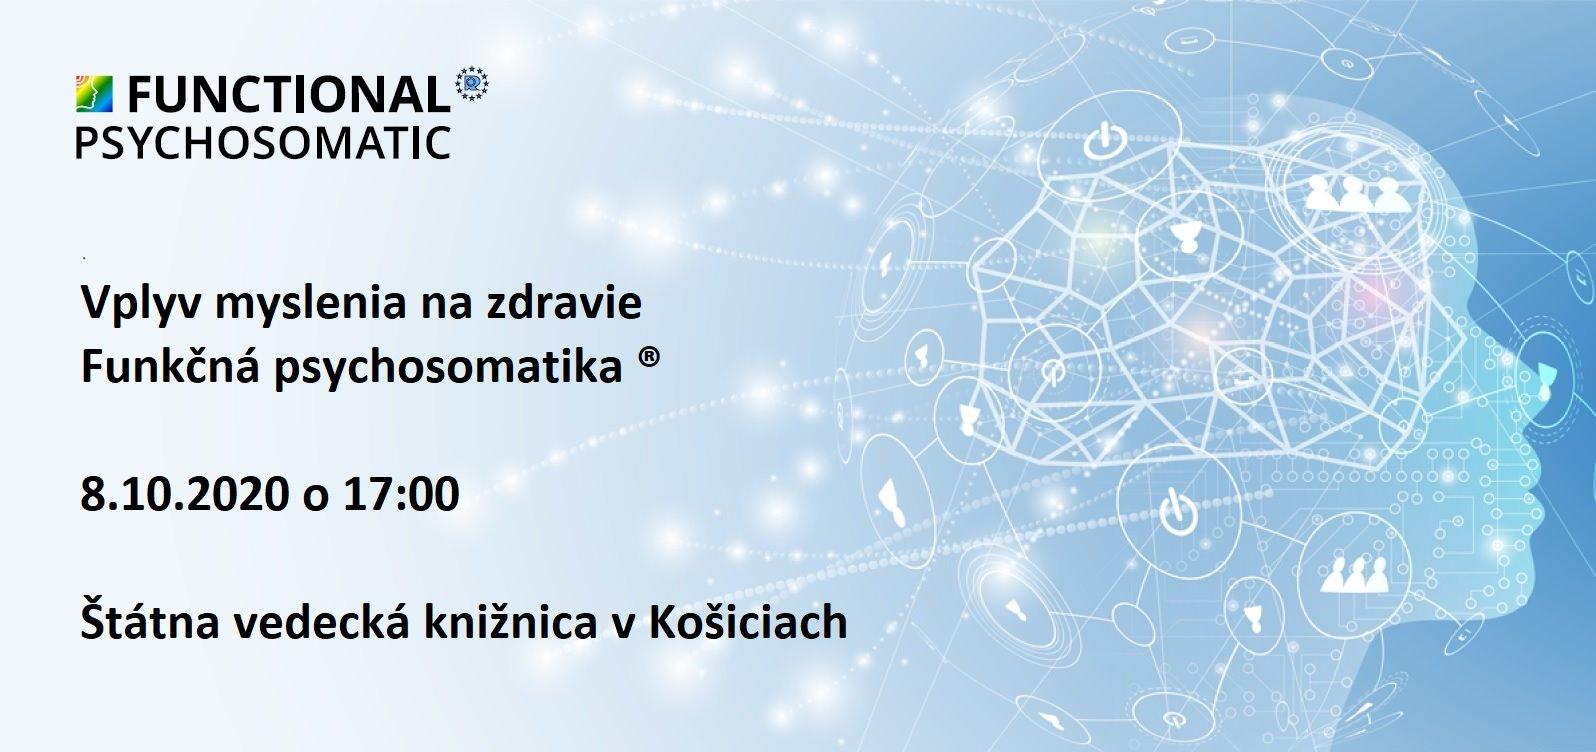 Vplyv myslenia na zdravie Štátna vedecká knižnica v Košiciach